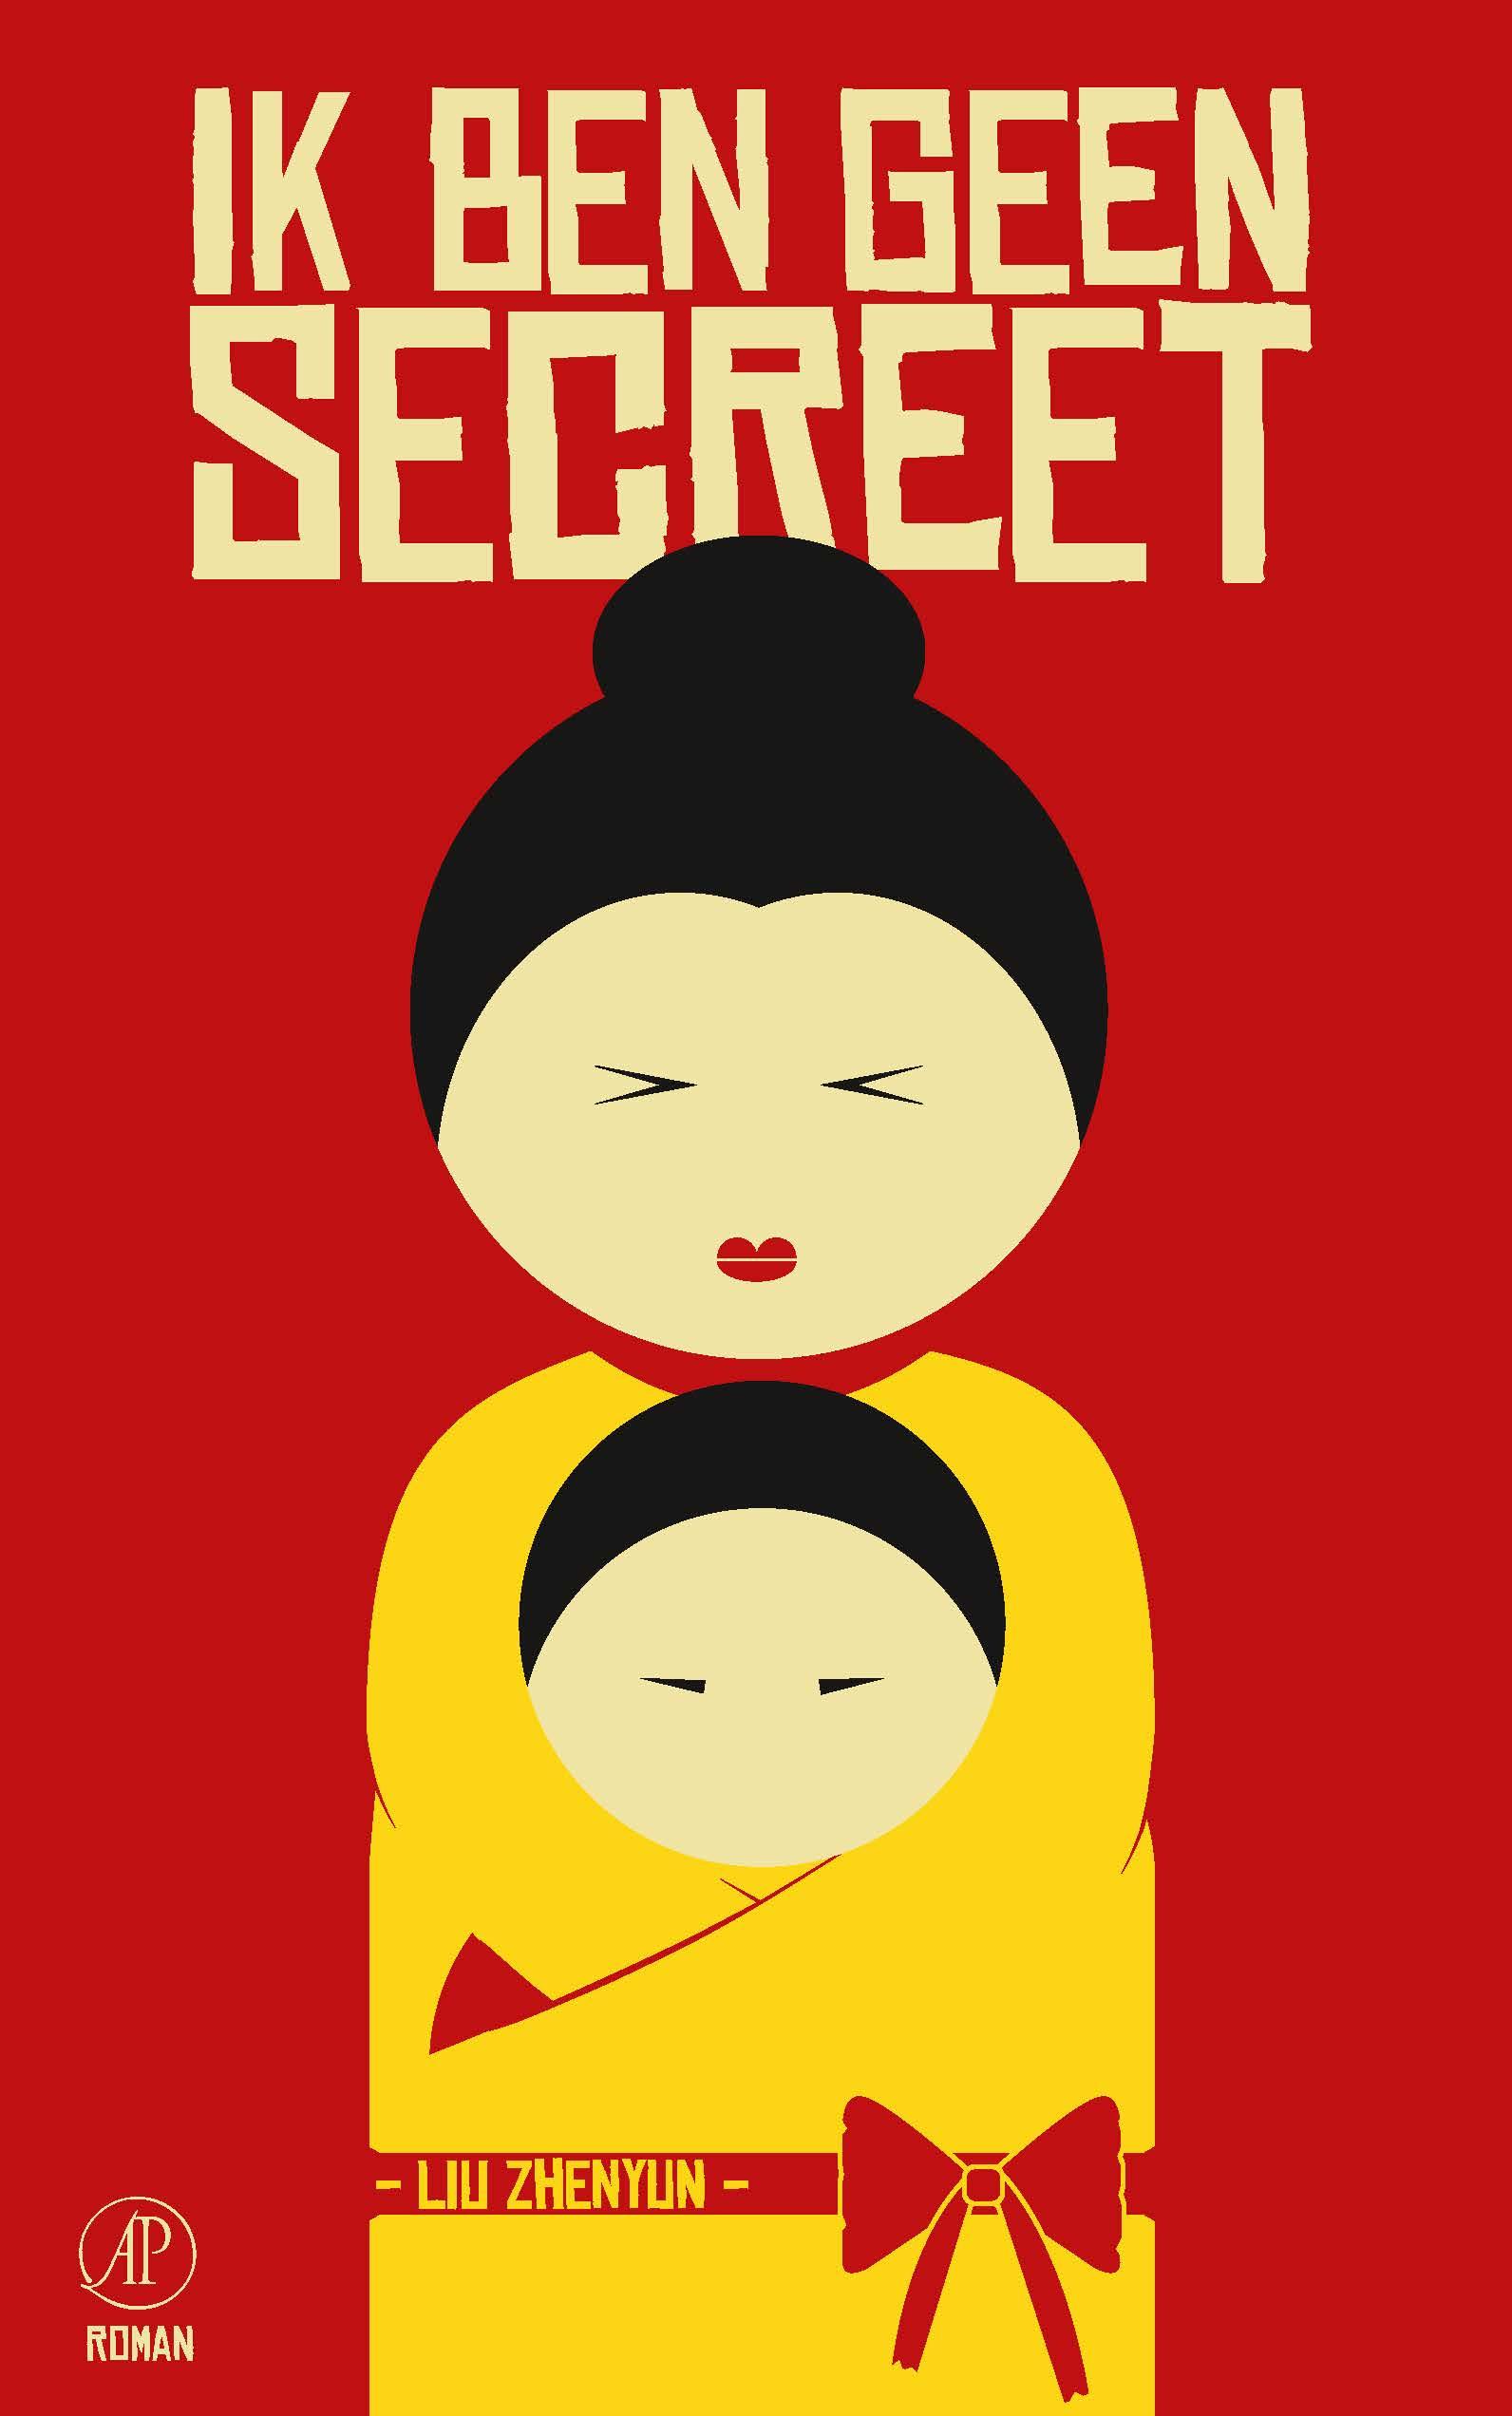 Ik ben geen secreet - boekrecensie